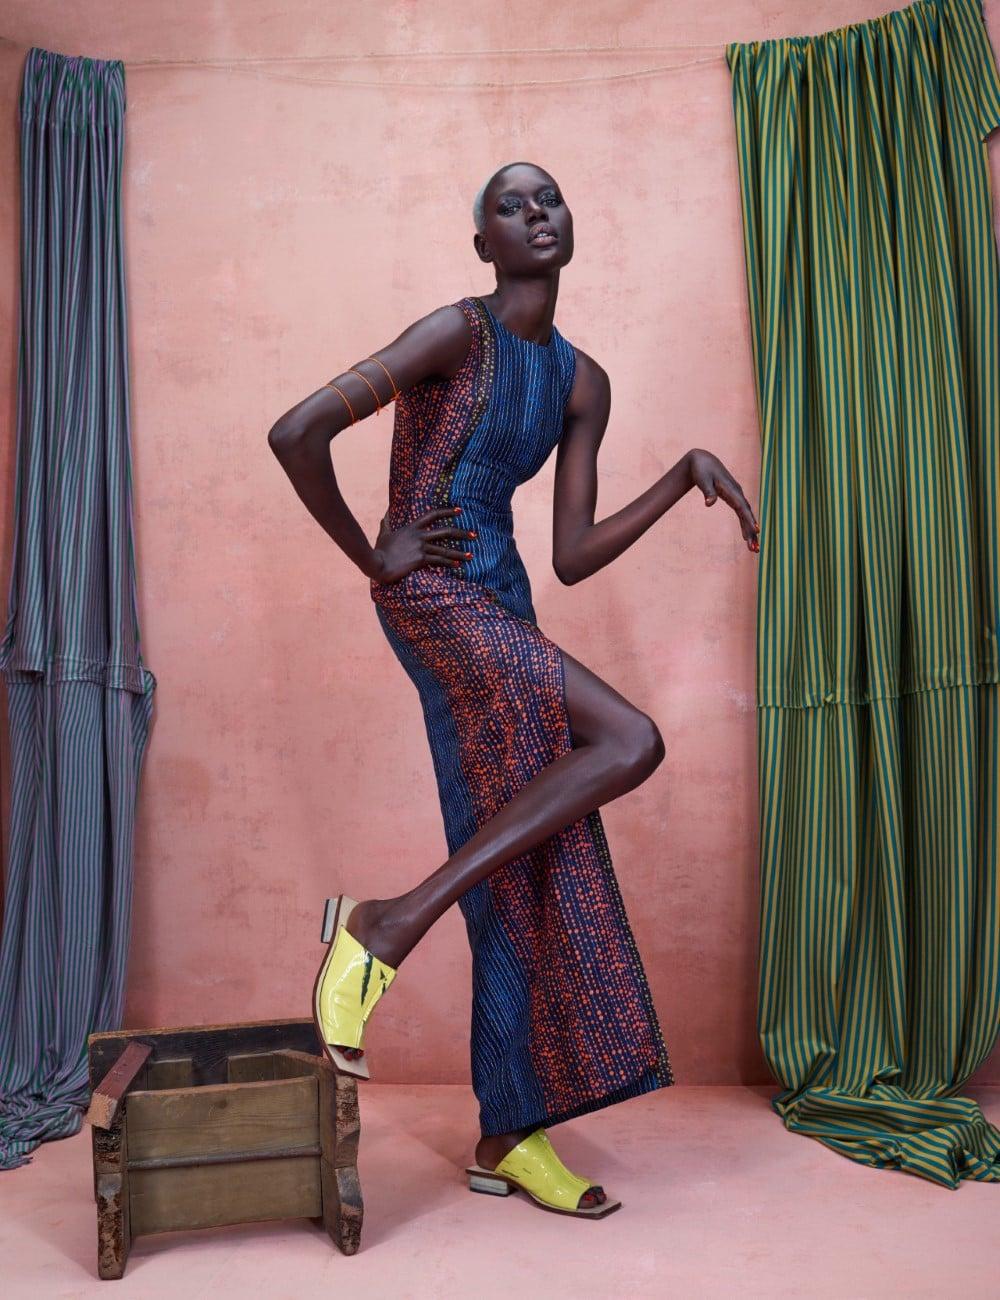 africa-rising-ed-singleton-models- (1).jpg